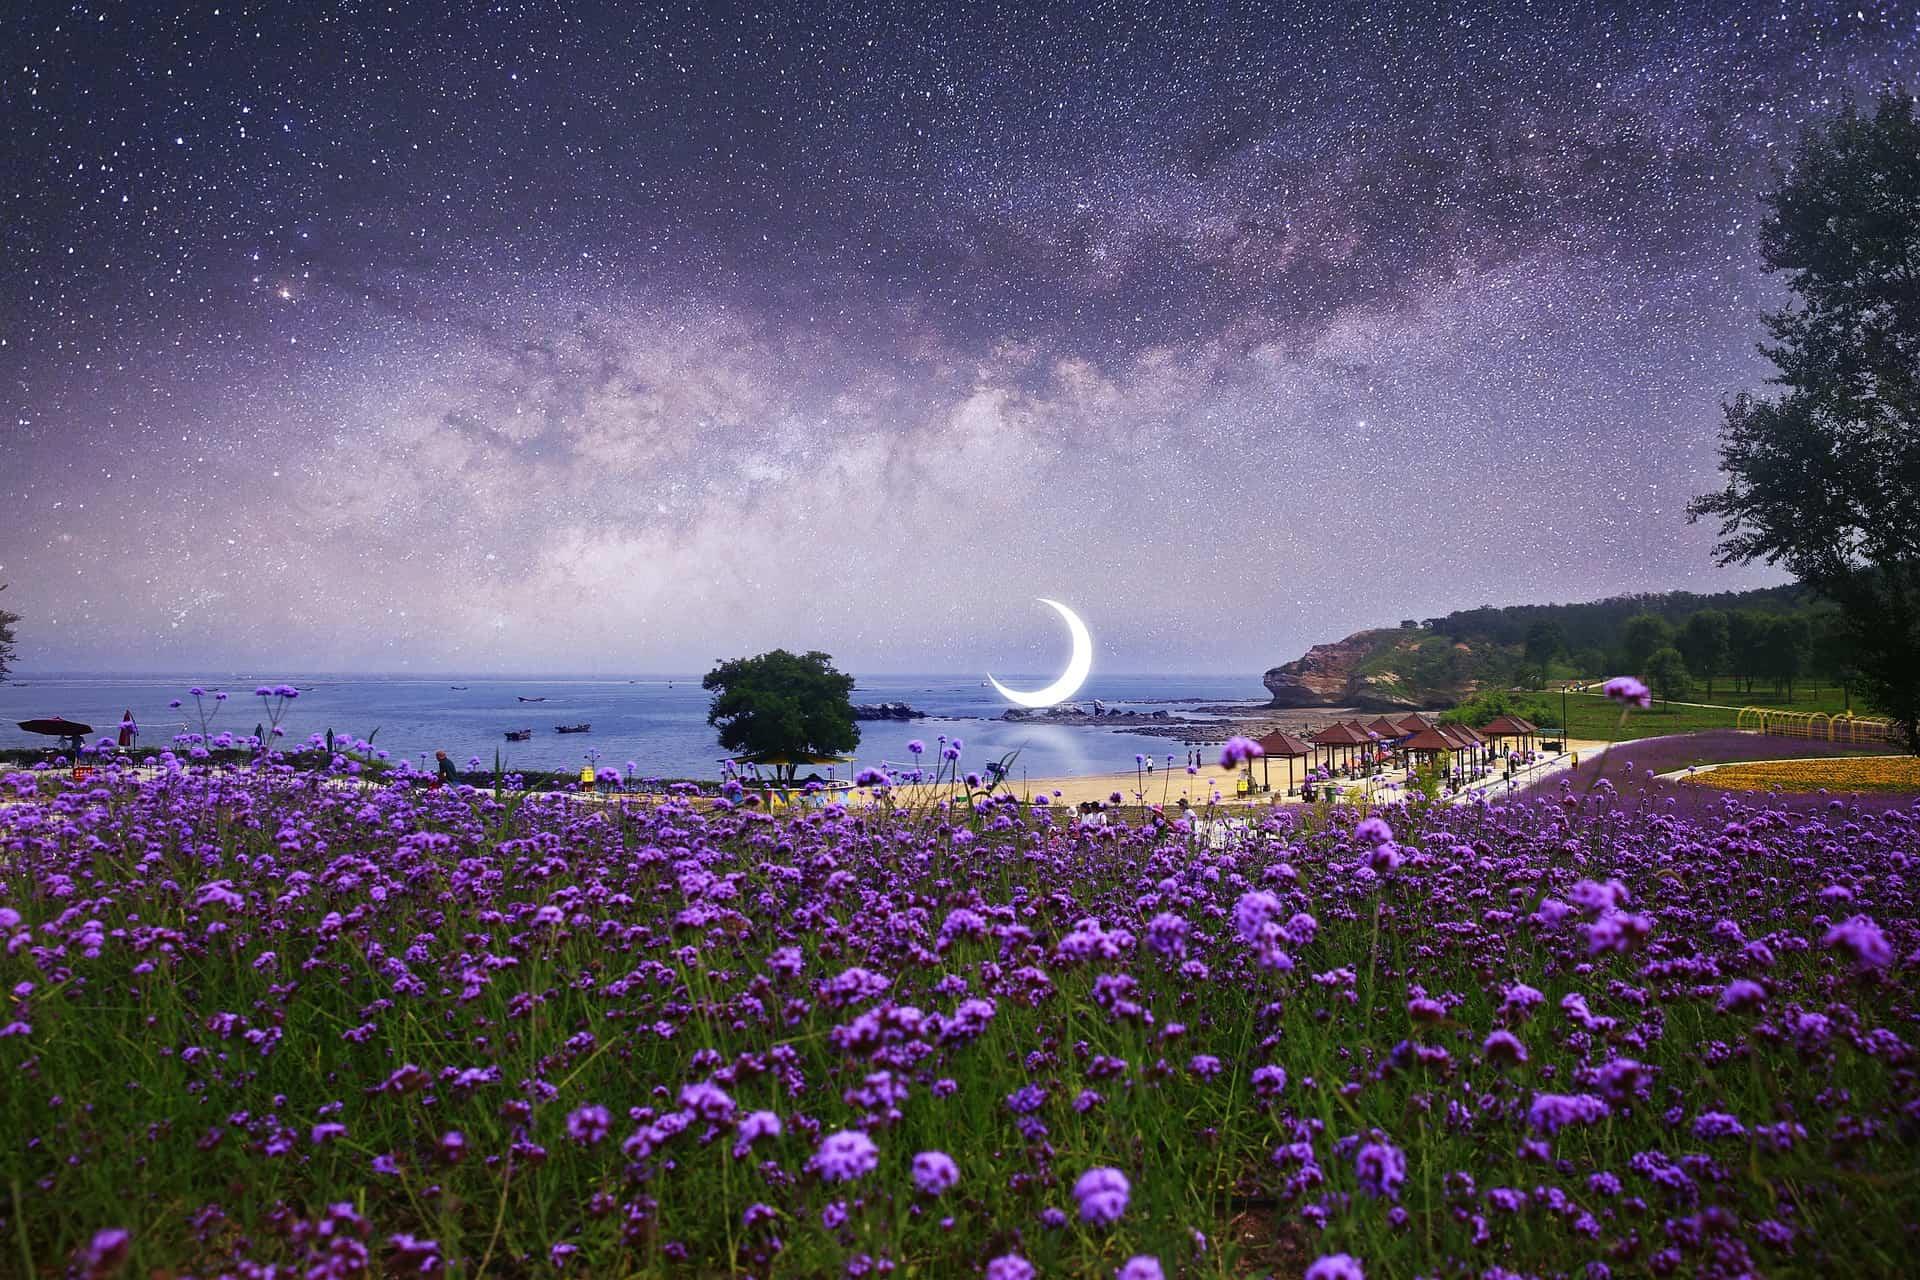 September 28, 2019 -New Moon in Libra